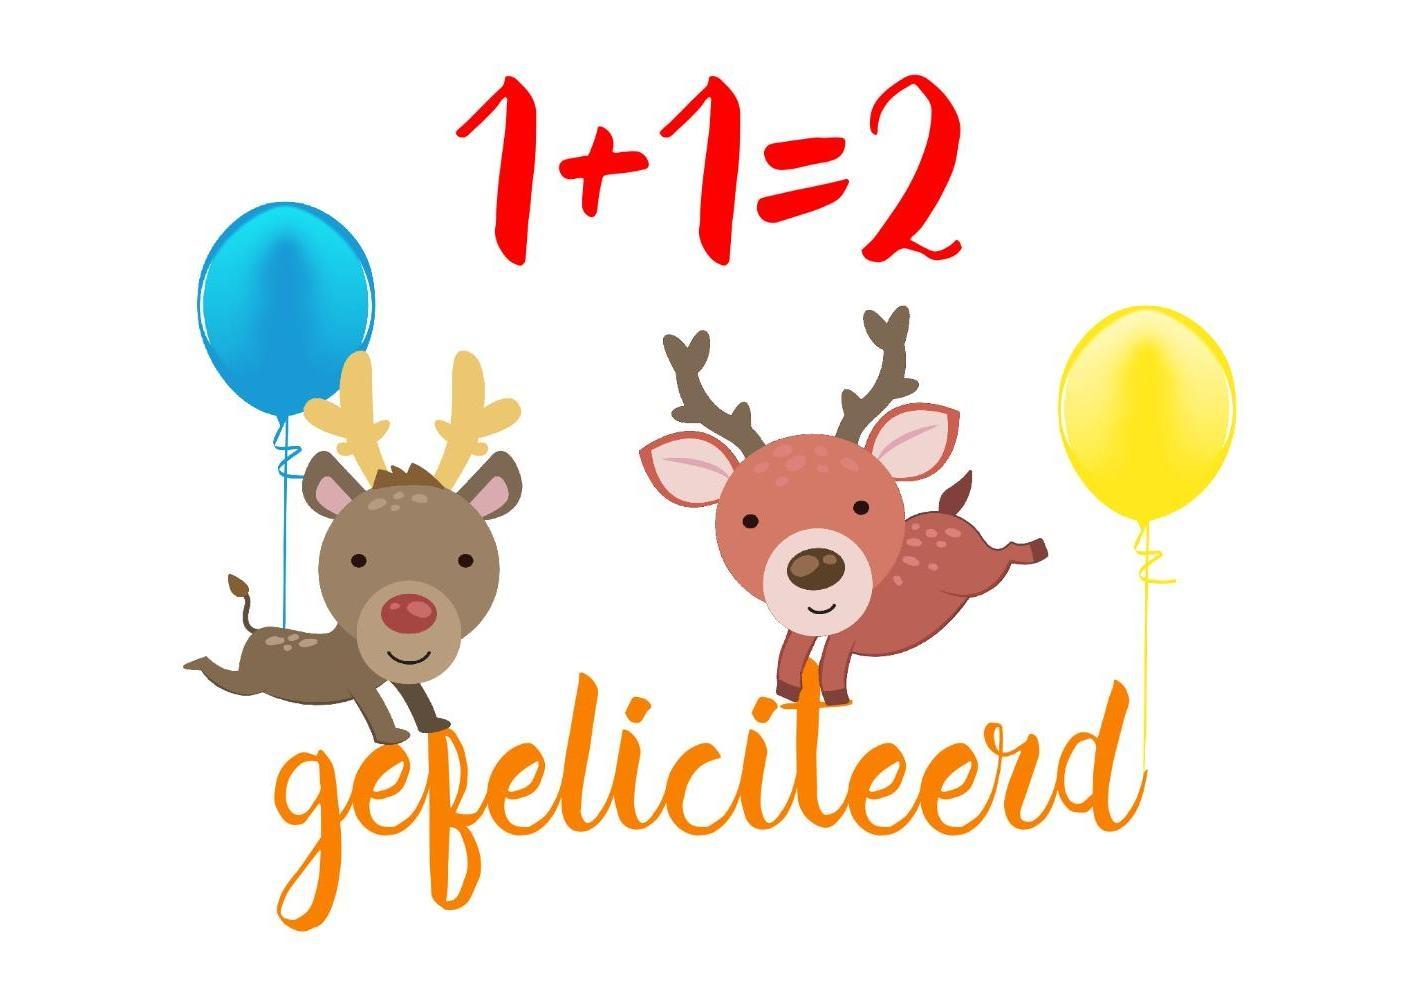 verjaardagskaart kind 2 jaar Verjaardagskaart kind 2 jaar dieren   Kaartjeposten.nl verjaardagskaart kind 2 jaar